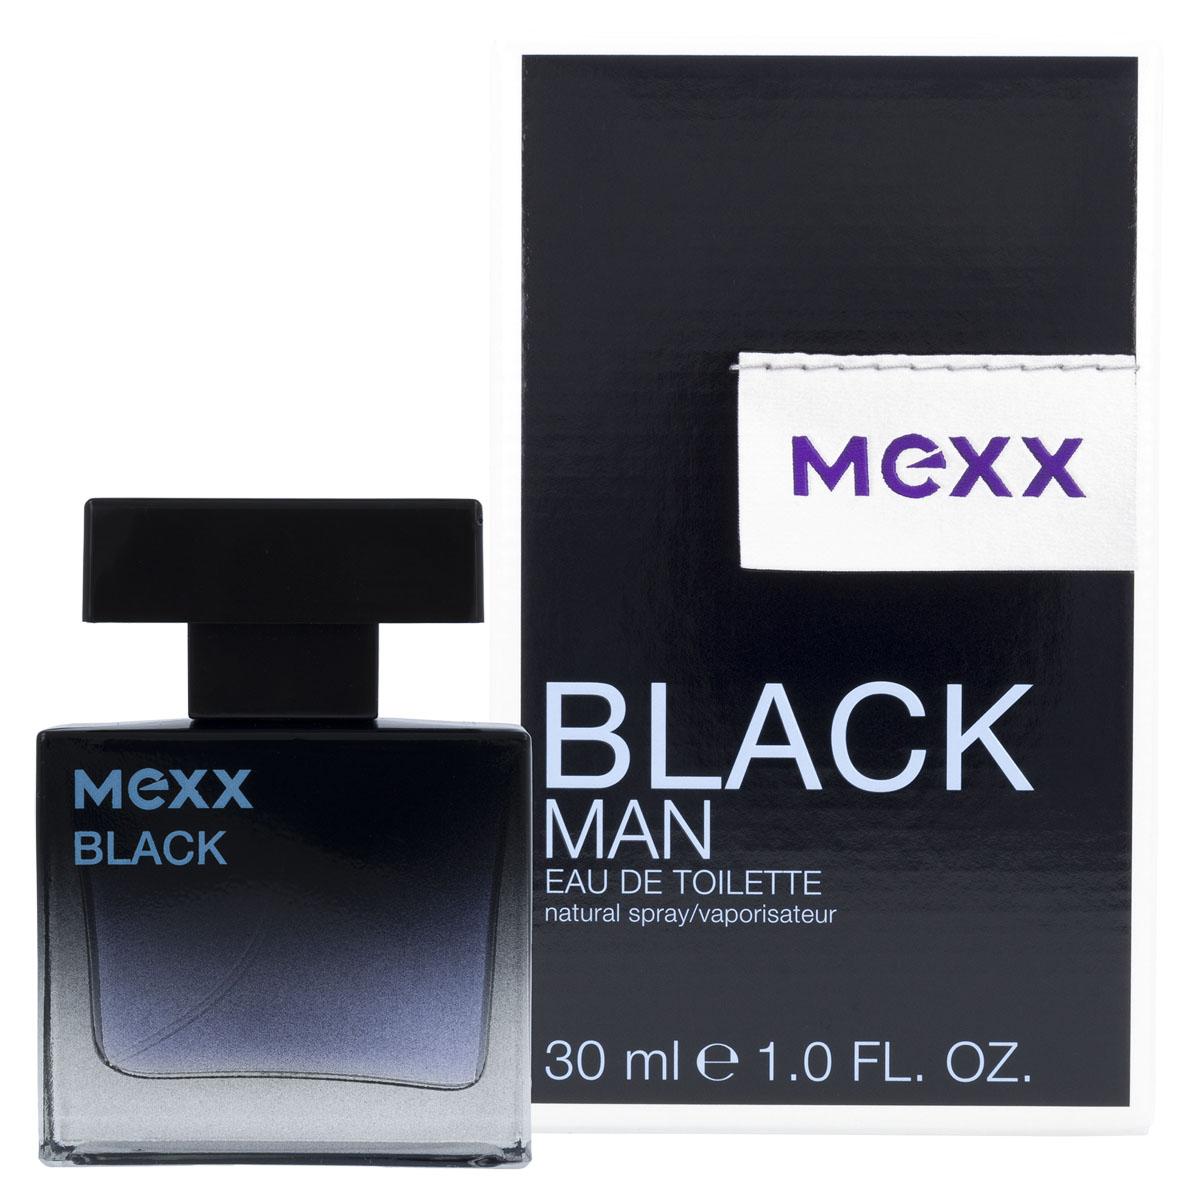 """Mexx Black Man Туалетная вода, 30 мл0737052681900Элегантный и стильный. Серьезный и сексуальный. Это черный. С черным цветом он чувствует, что готов к любым непредсказуемым событиям, которые могут с ним произойти… Его интеллект и жажда новых эмоций раскрывают характер современного мужчины. С """"Mexx Black"""" он чувствует энергию и уверенность в собственном успехе. Дизайн флакона строгий и лаконичный: прямоугольный блок из массивного стекла, плавный переход от таинственного черного к сдержанному голубому цвету подчеркивают престиж и современность аромата. Упаковка играет визуальными эффектами. Ключевые слова: Мужественный, элегантный, харизматичный, уверенный, благородный"""